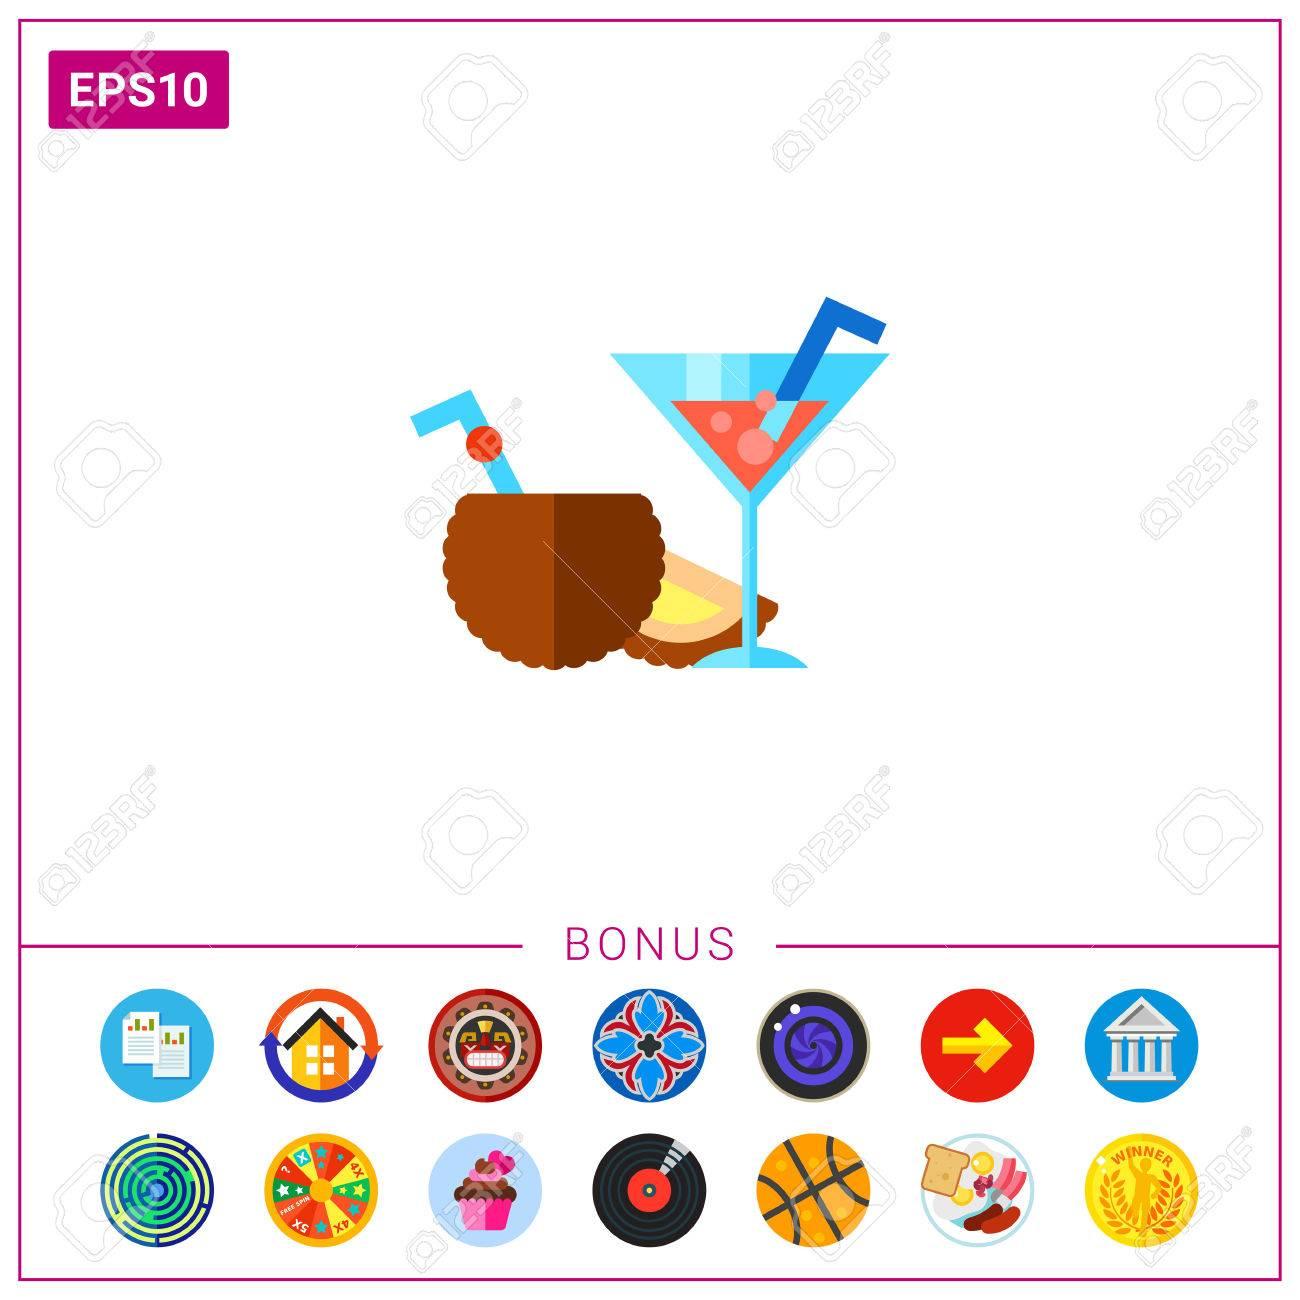 Attractive Beliebte Cocktails Ideas Of Cocktails. Frisch, Cool, Lecker. Sommer-drink-konzept. Kann